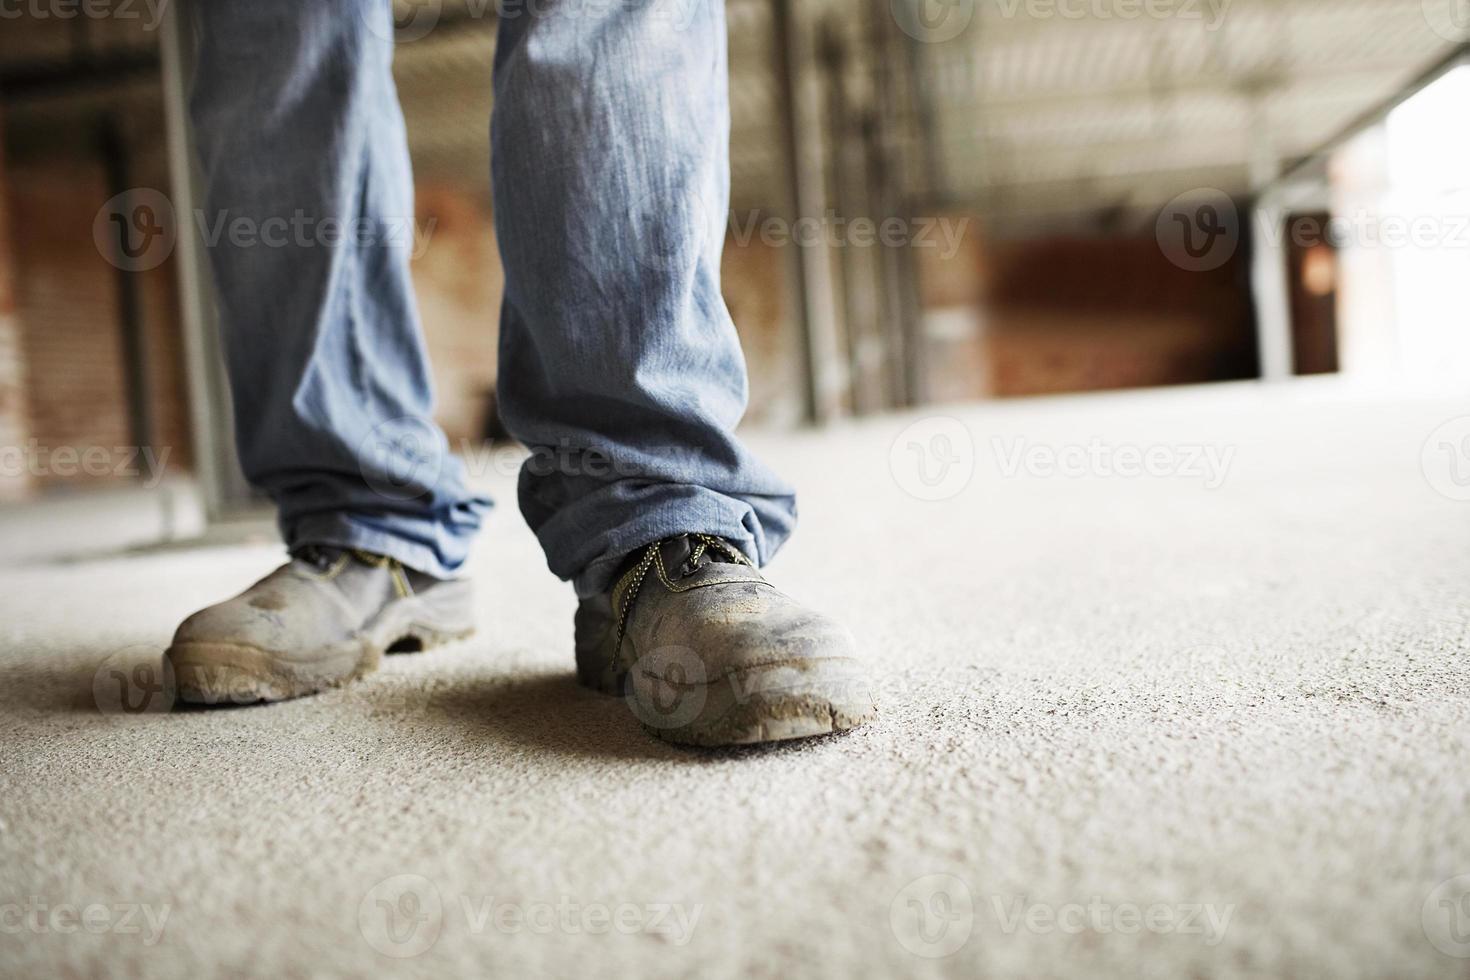 pernas de trabalhador da construção civil masculino foto